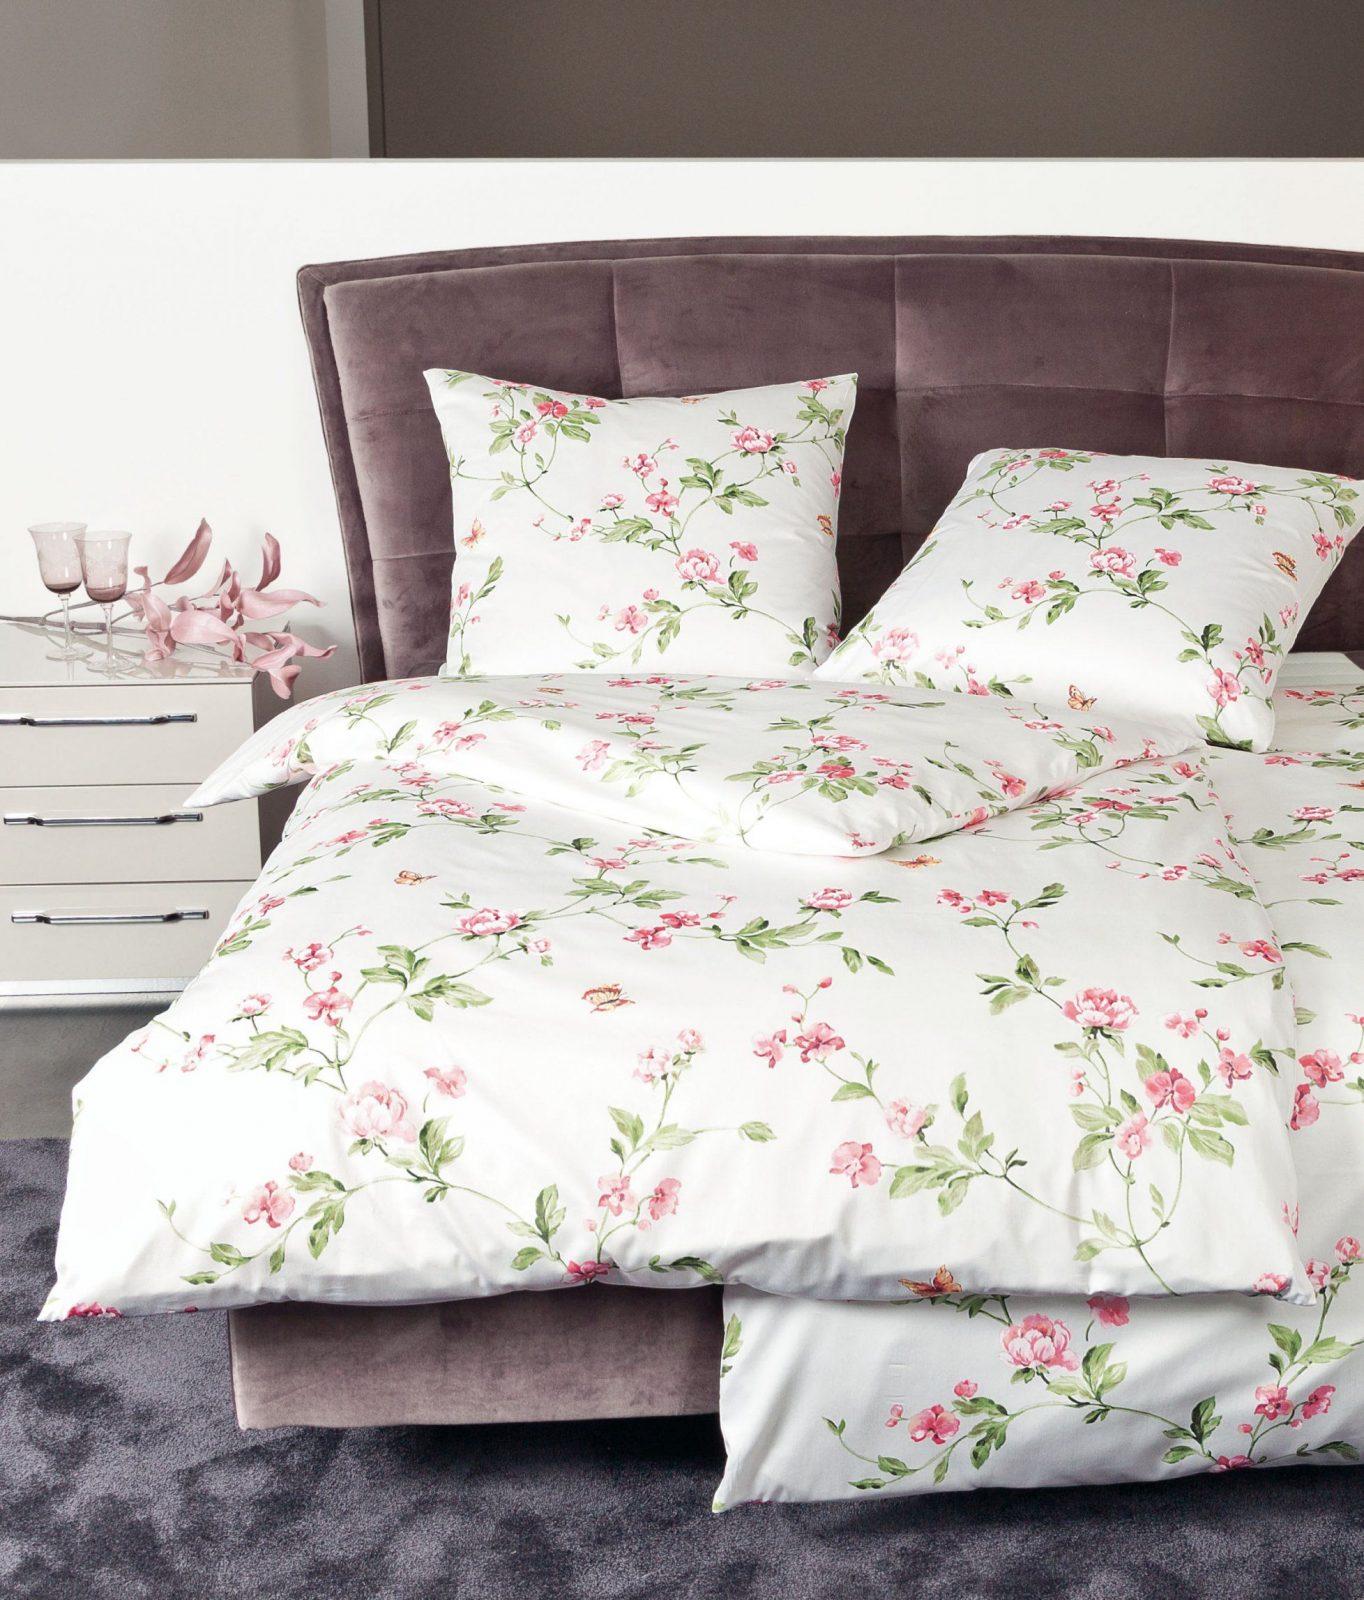 Traumhafte Makosatin Bettwäsche Messina 43010 Günstig Bestellen von Foto Bettwäsche Günstig Bild